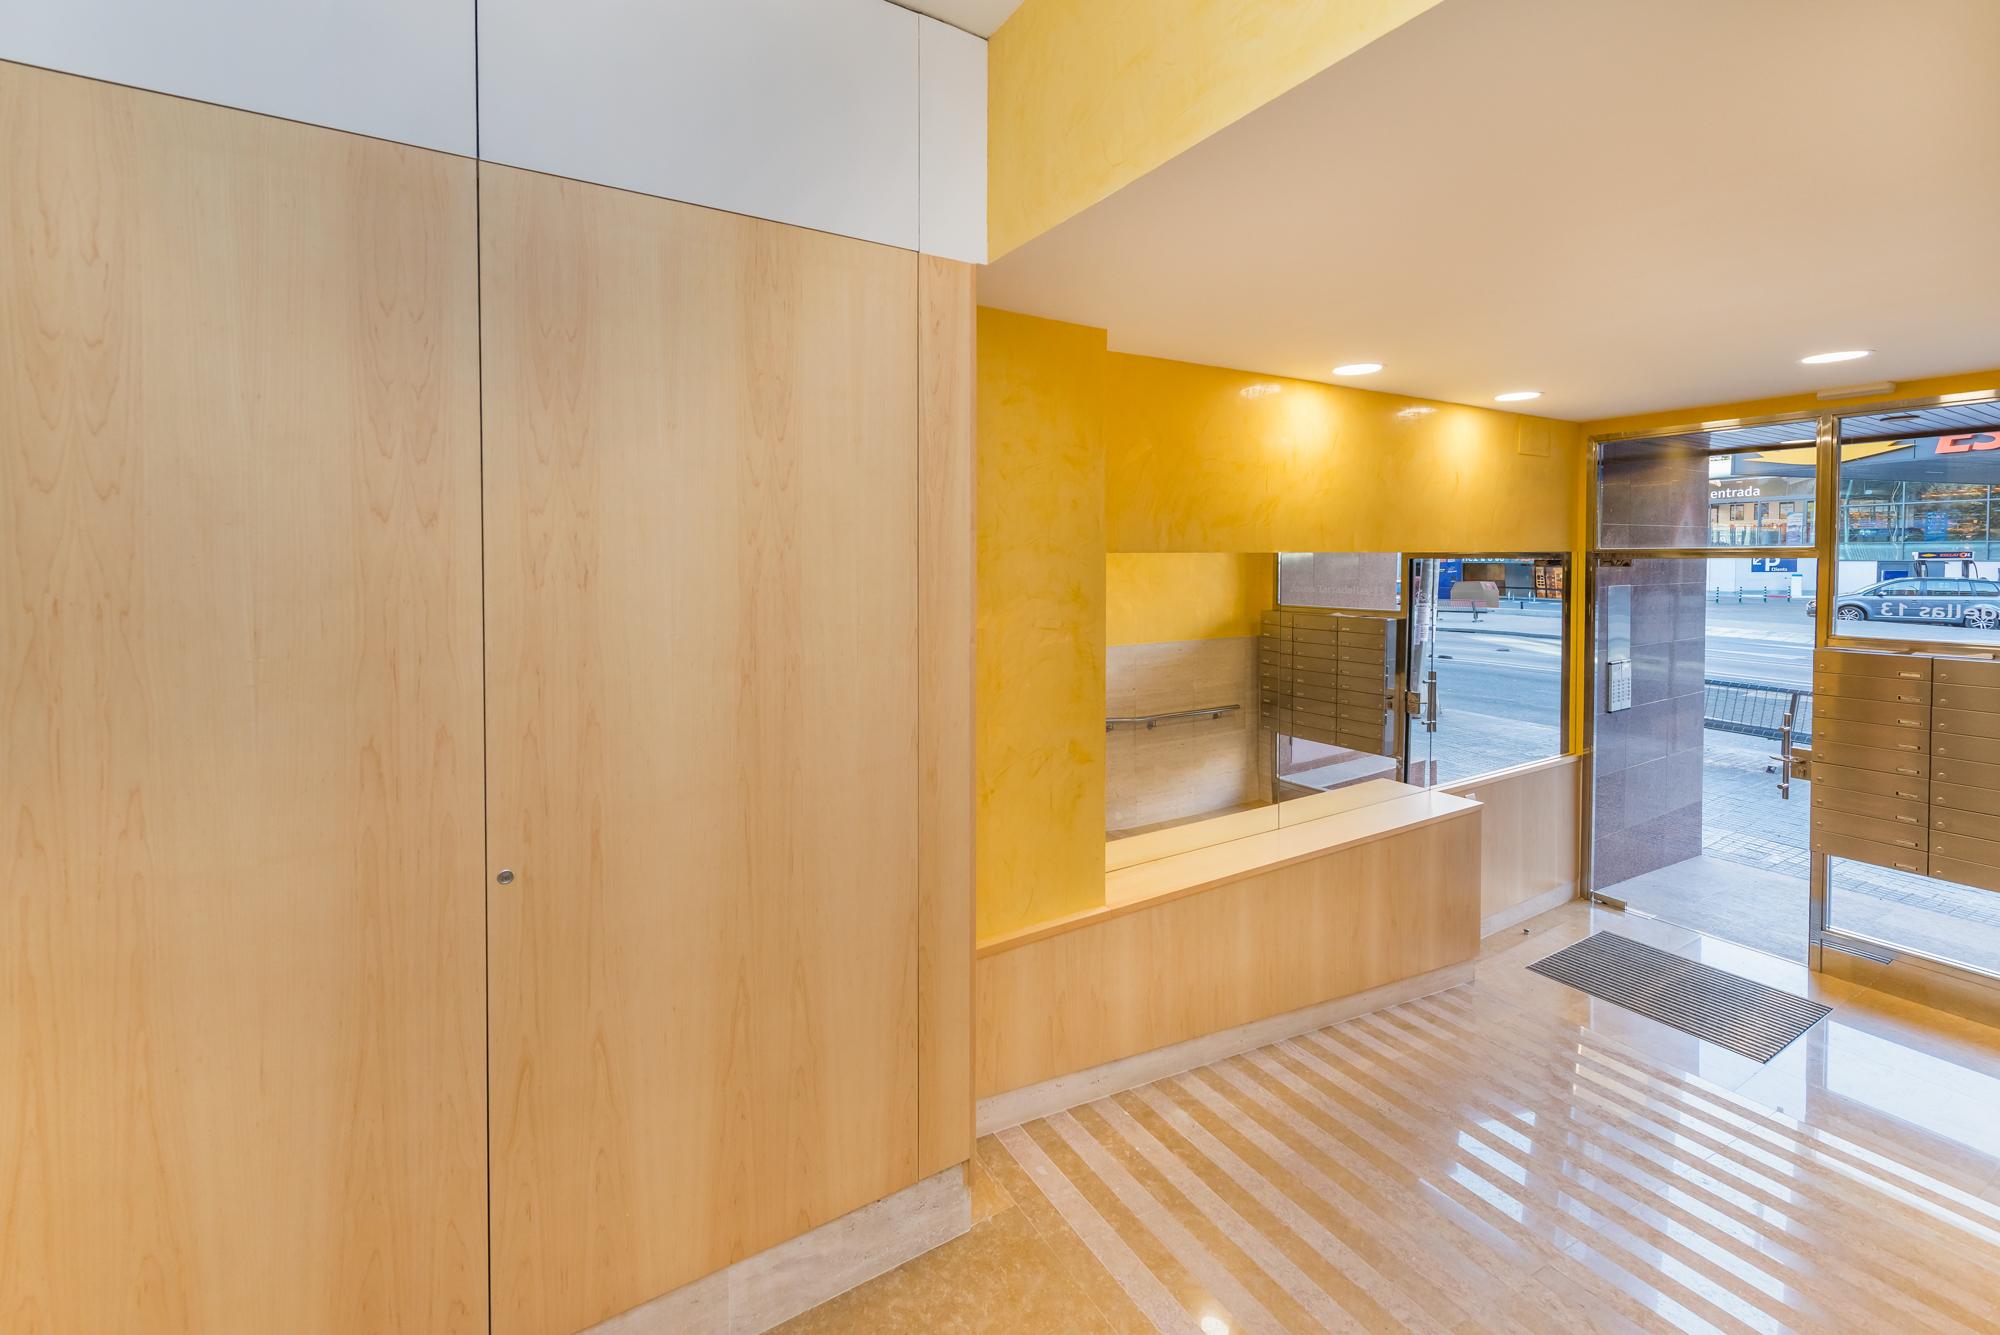 ARQUETICA - Hall de entrada en edificio Josep Tarradellas 13